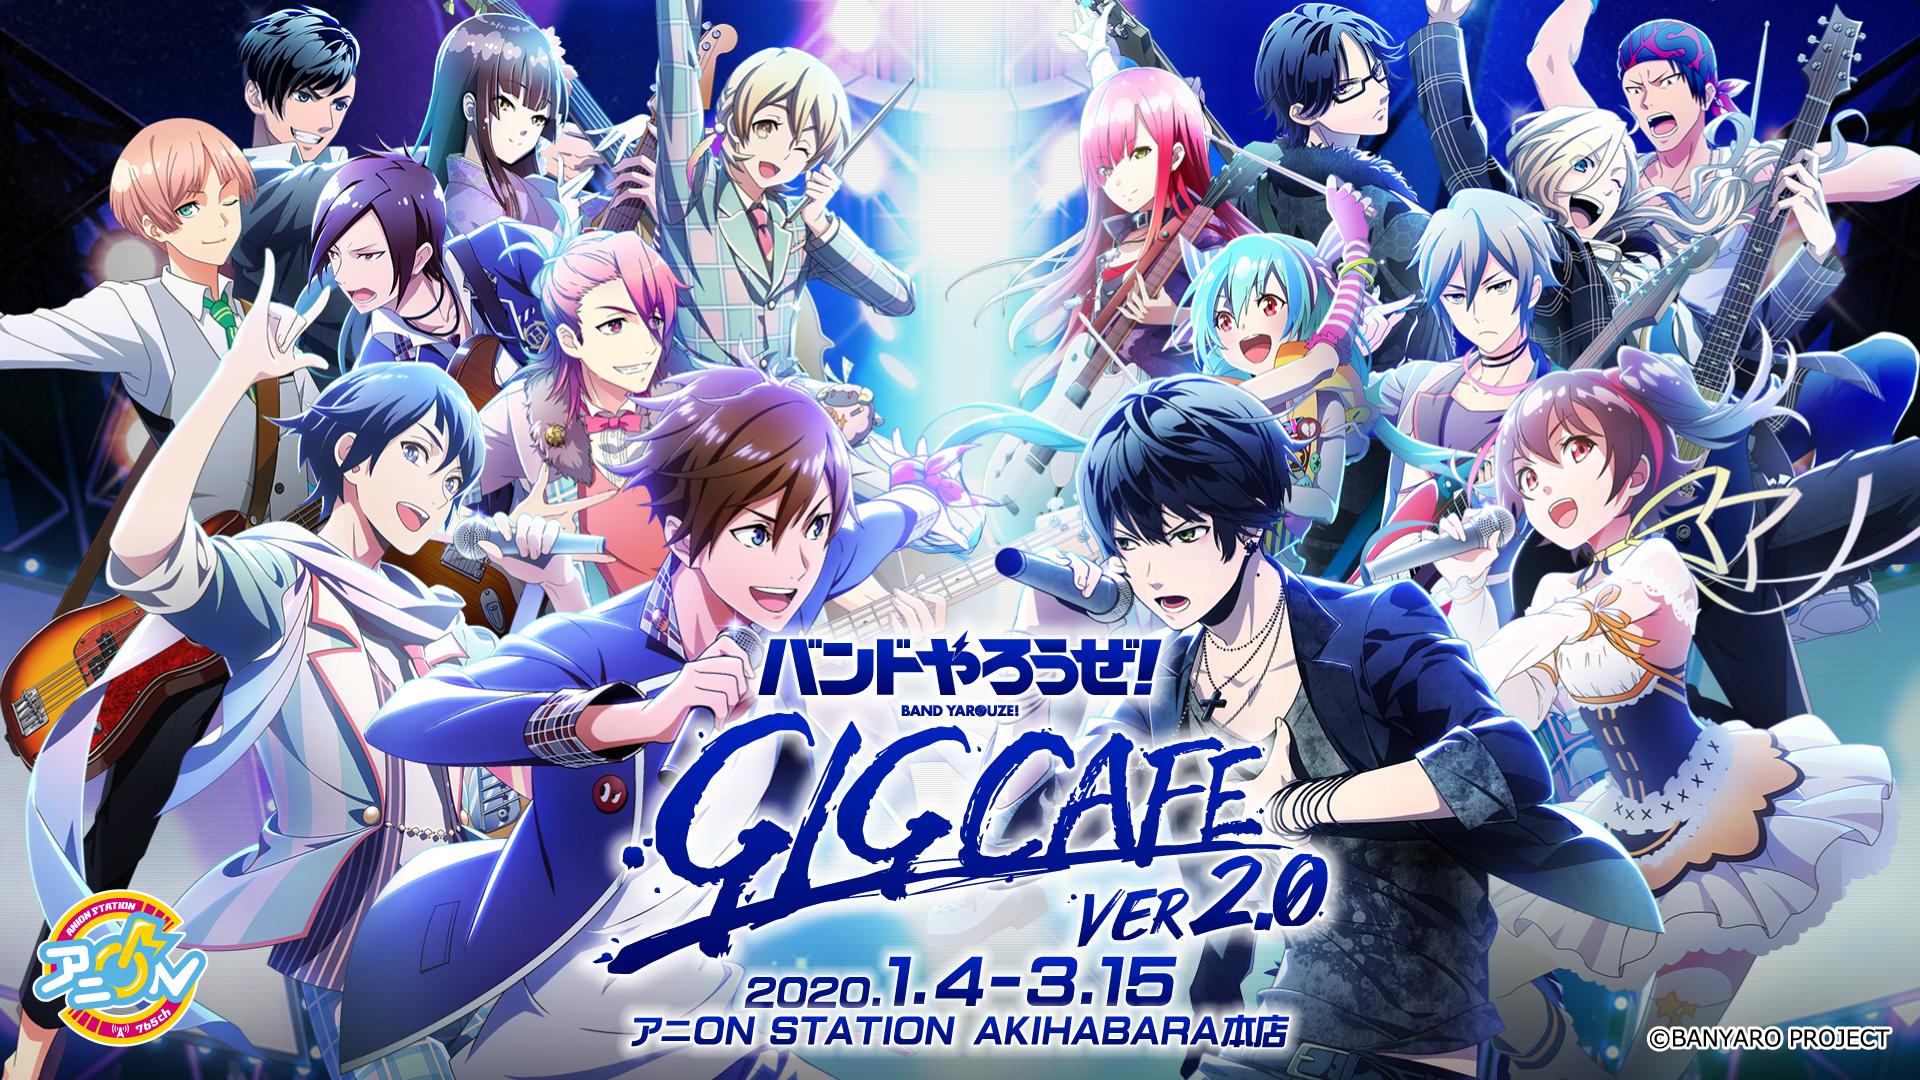 「バンドやろうぜ! GIG CAFE ver2.0」映像鑑賞会